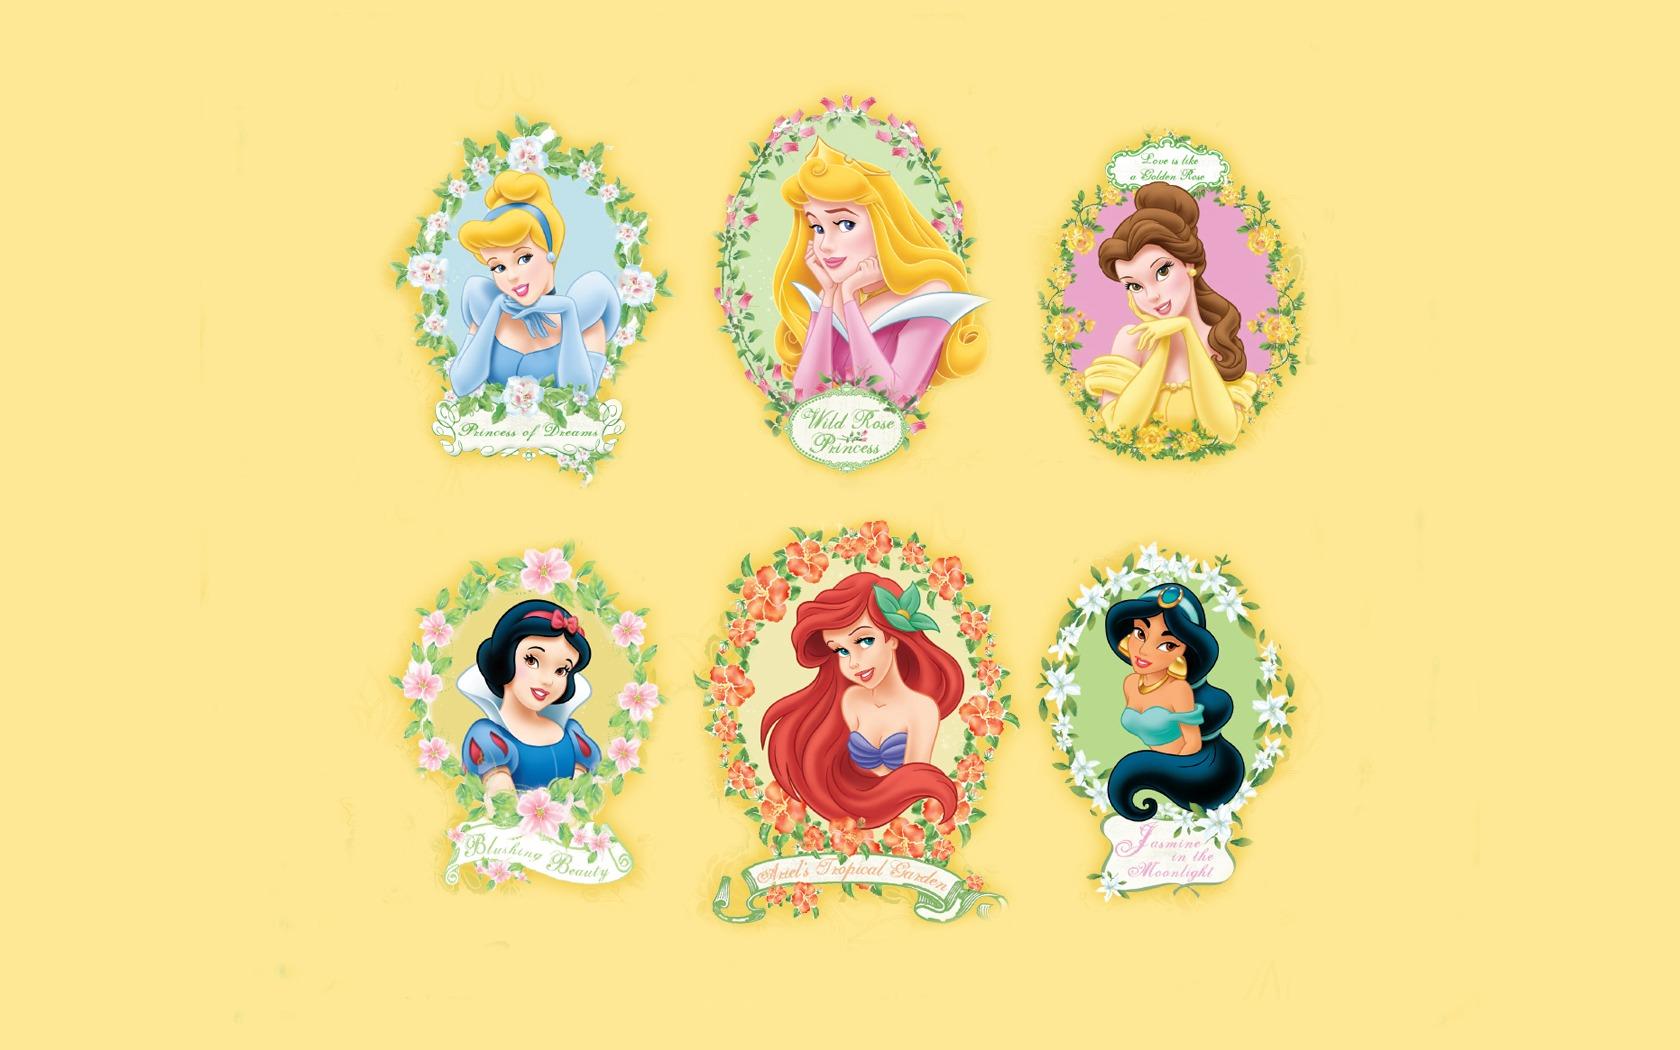 迪斯尼卡通明星 公主 壁纸(四)17 - 1680x1050